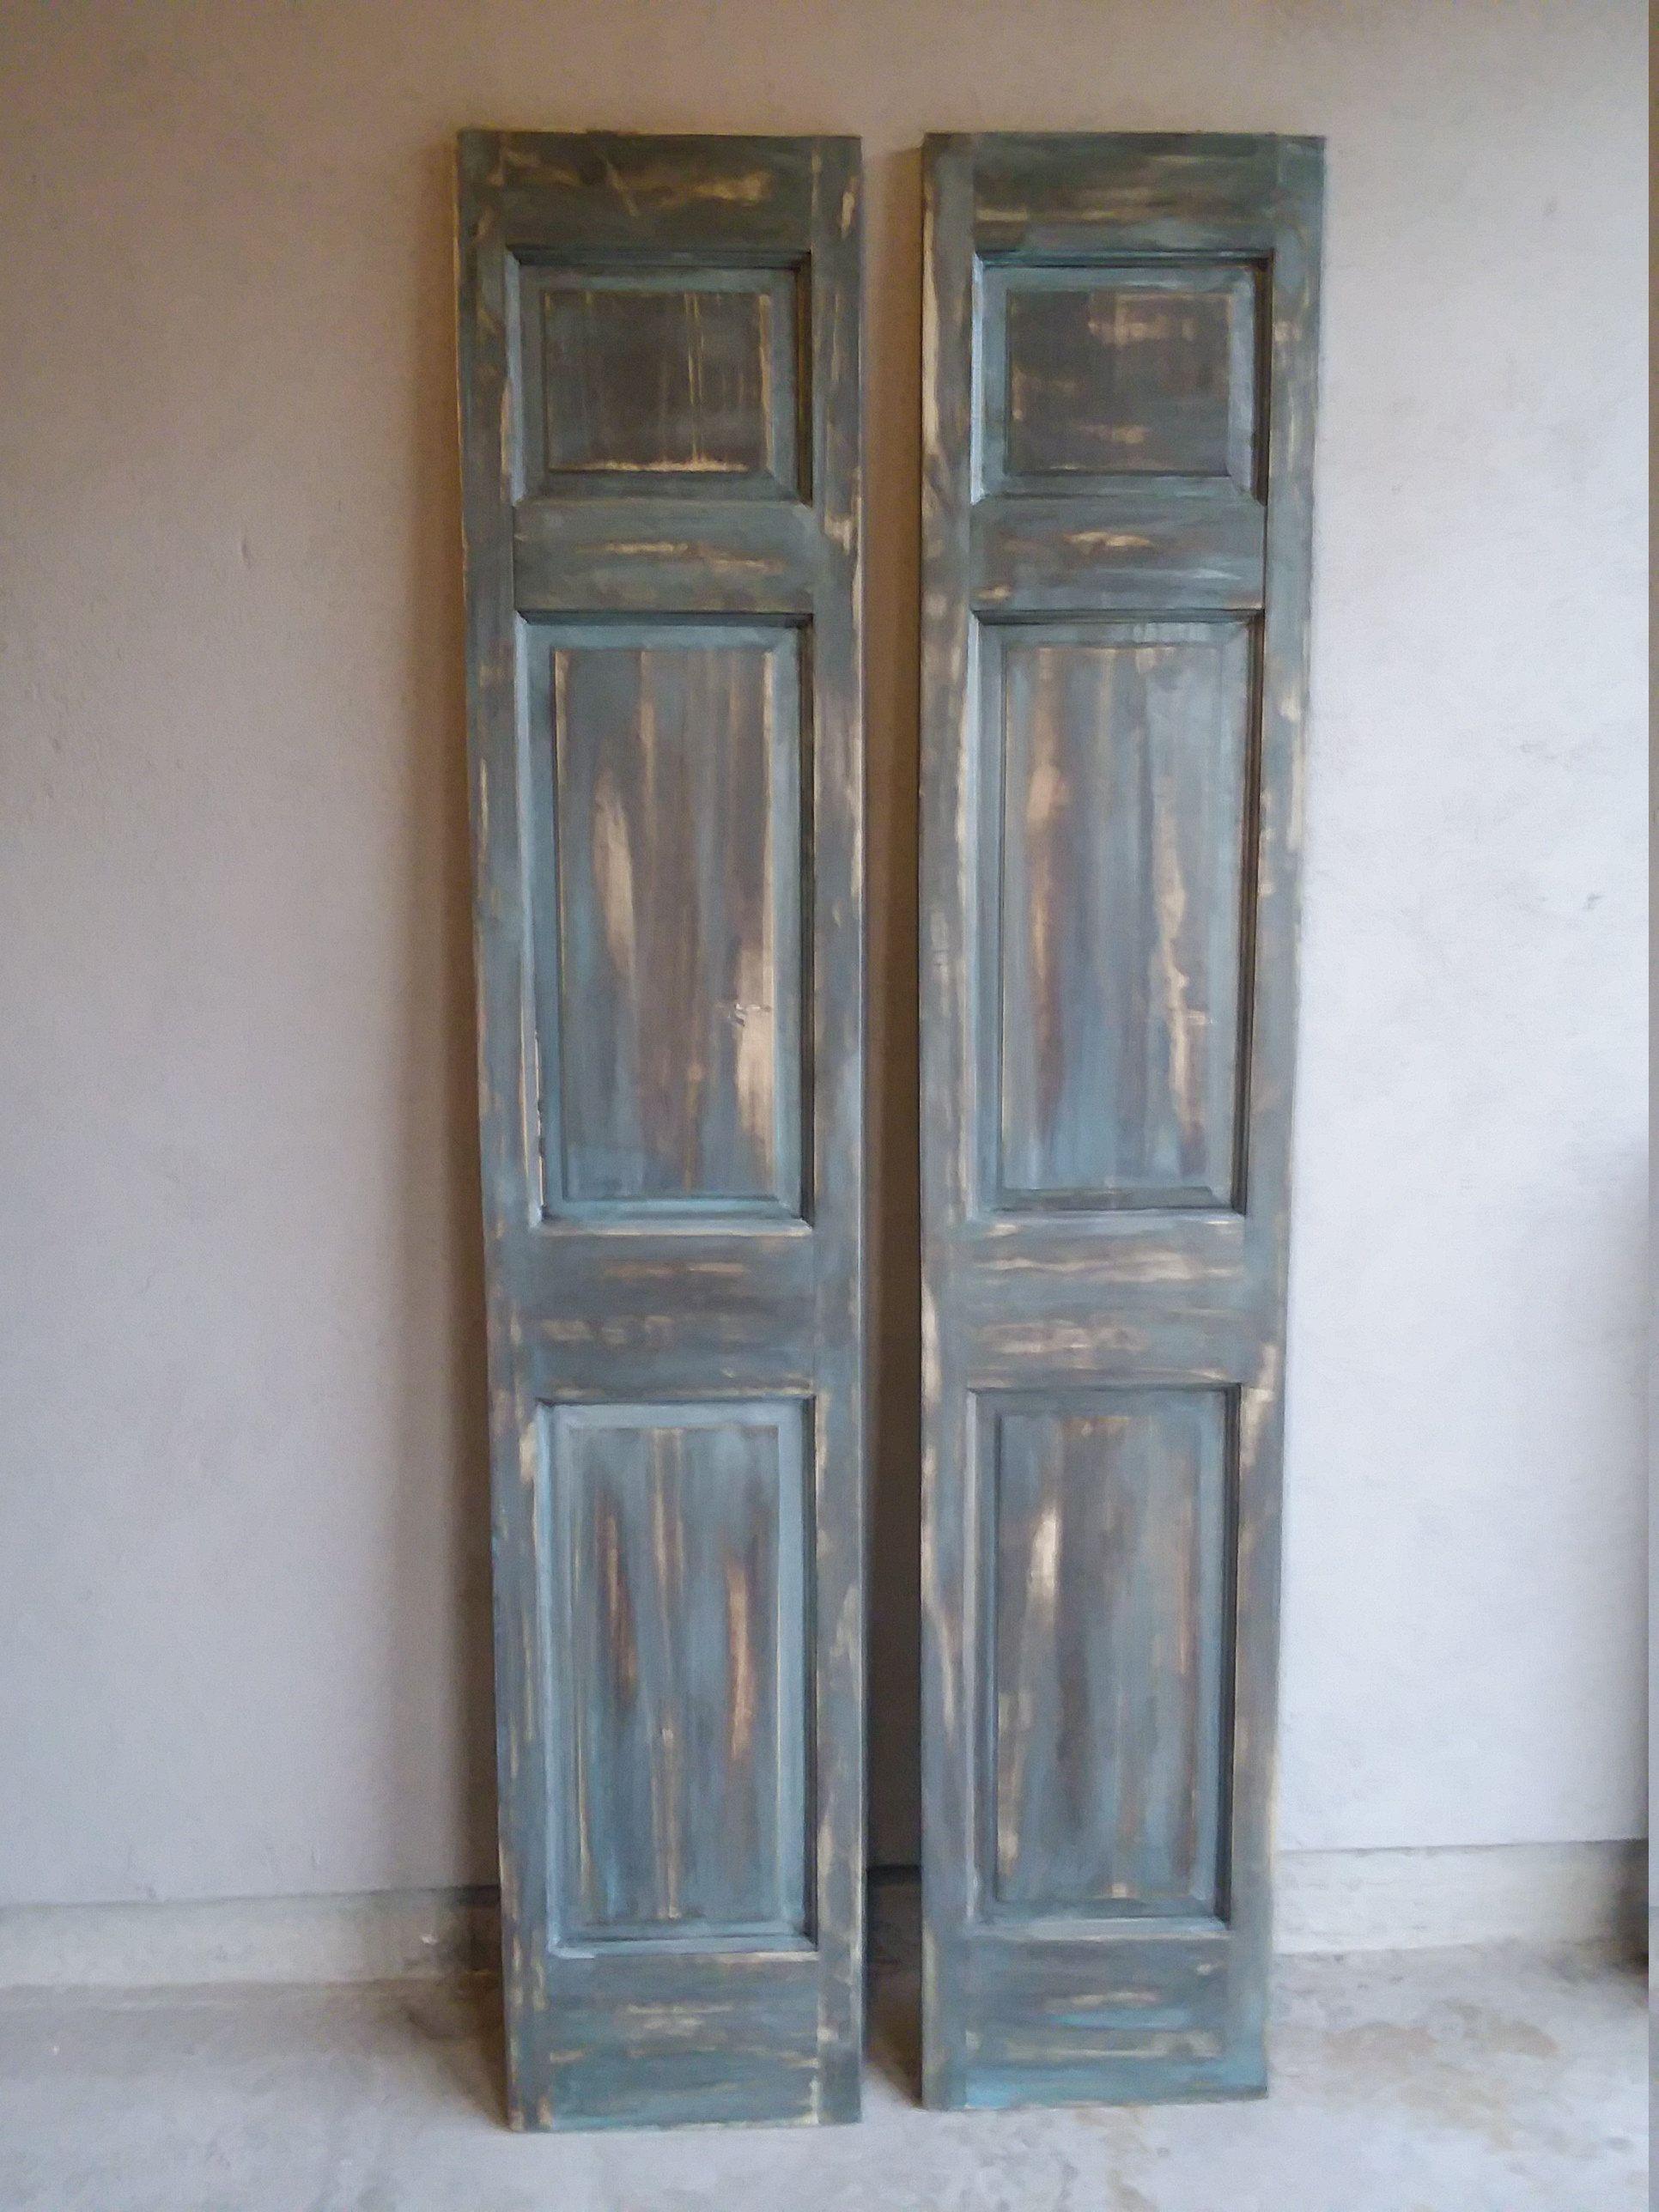 Rustic Doors French Door Pair Antique Doors Bi-Fold Doors ...